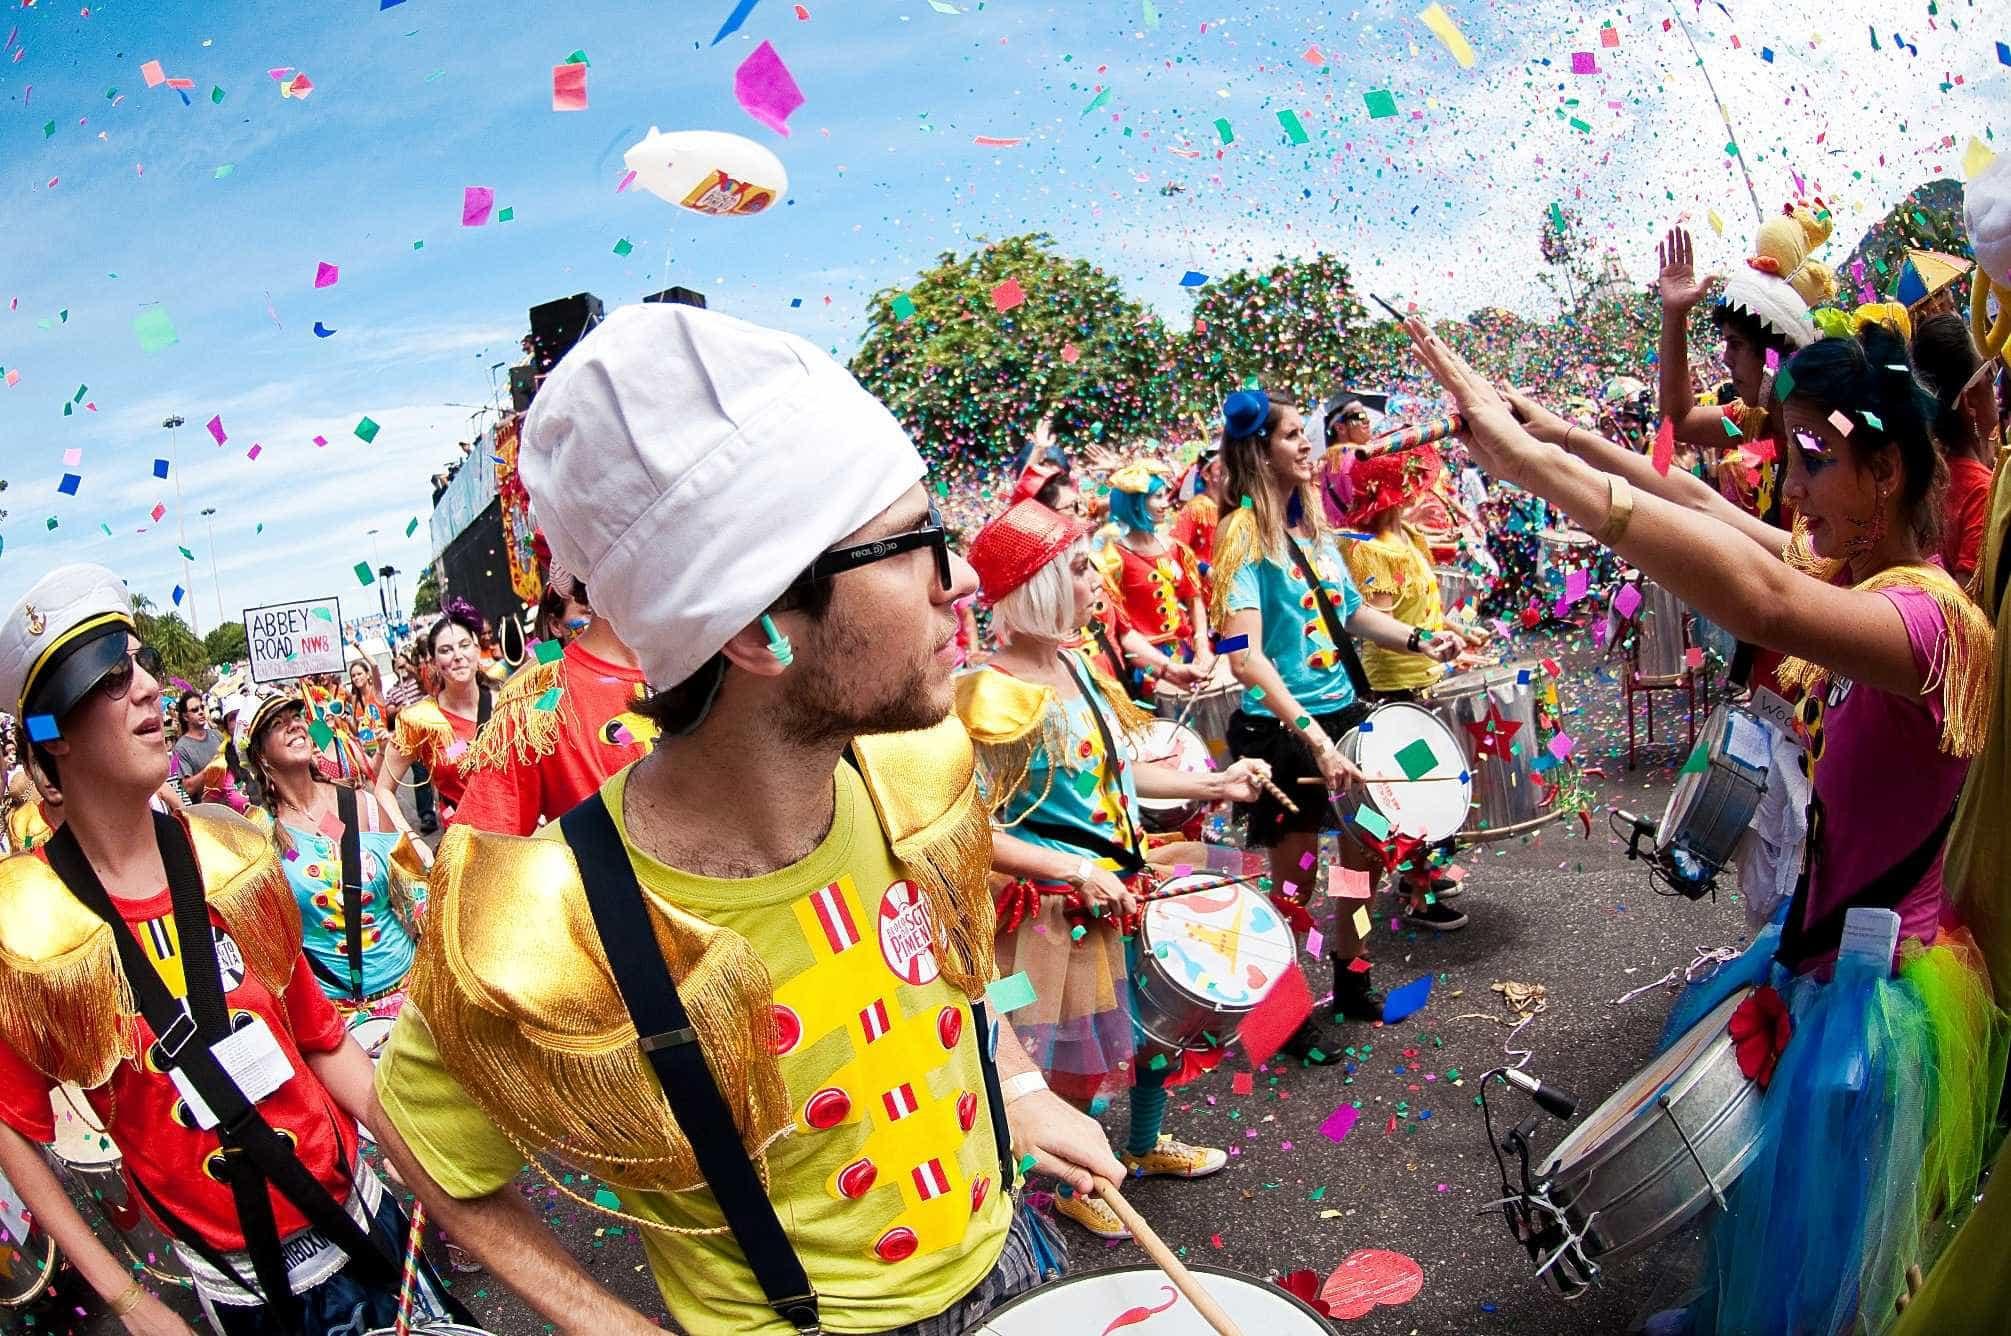 Carnaval: fique atento às principais armadilhas e evite cair em golpes